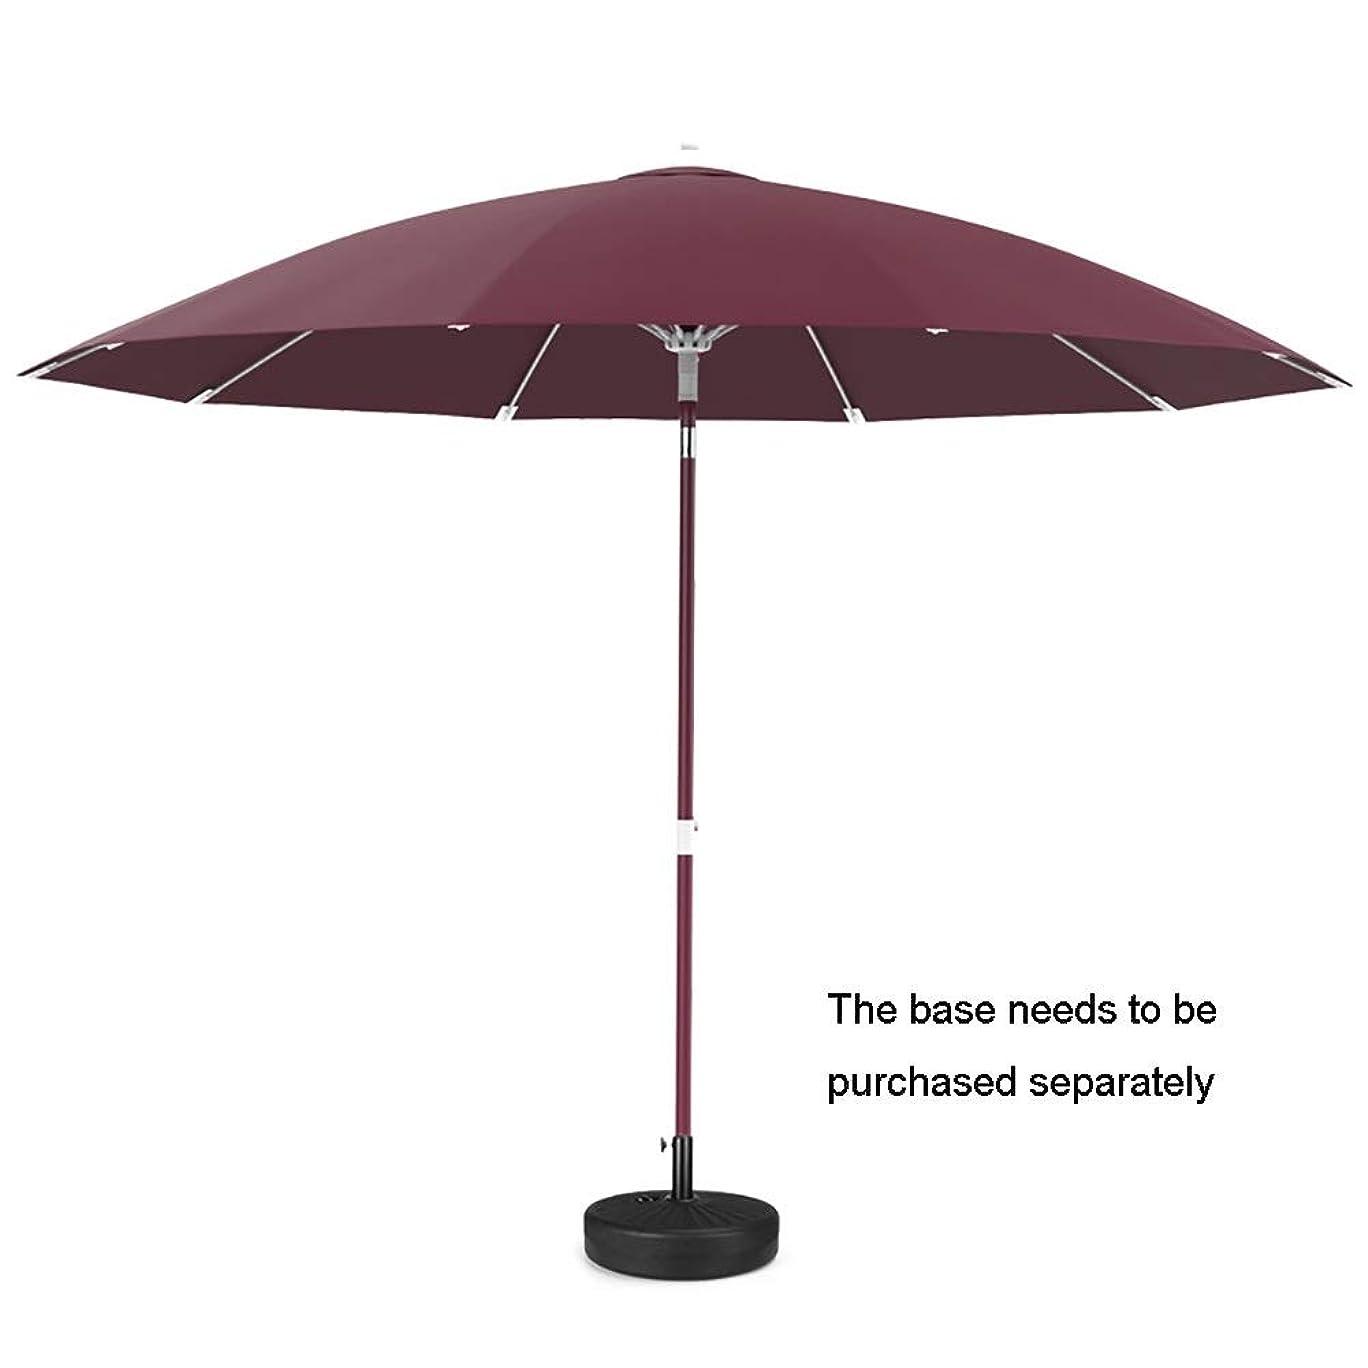 収容する娘伝える長傘 ベースなし屋外市場用パラソル、庭用グラスファイバーリブ付きパティオテーブル傘など(8.2フィート) (色 : 赤)